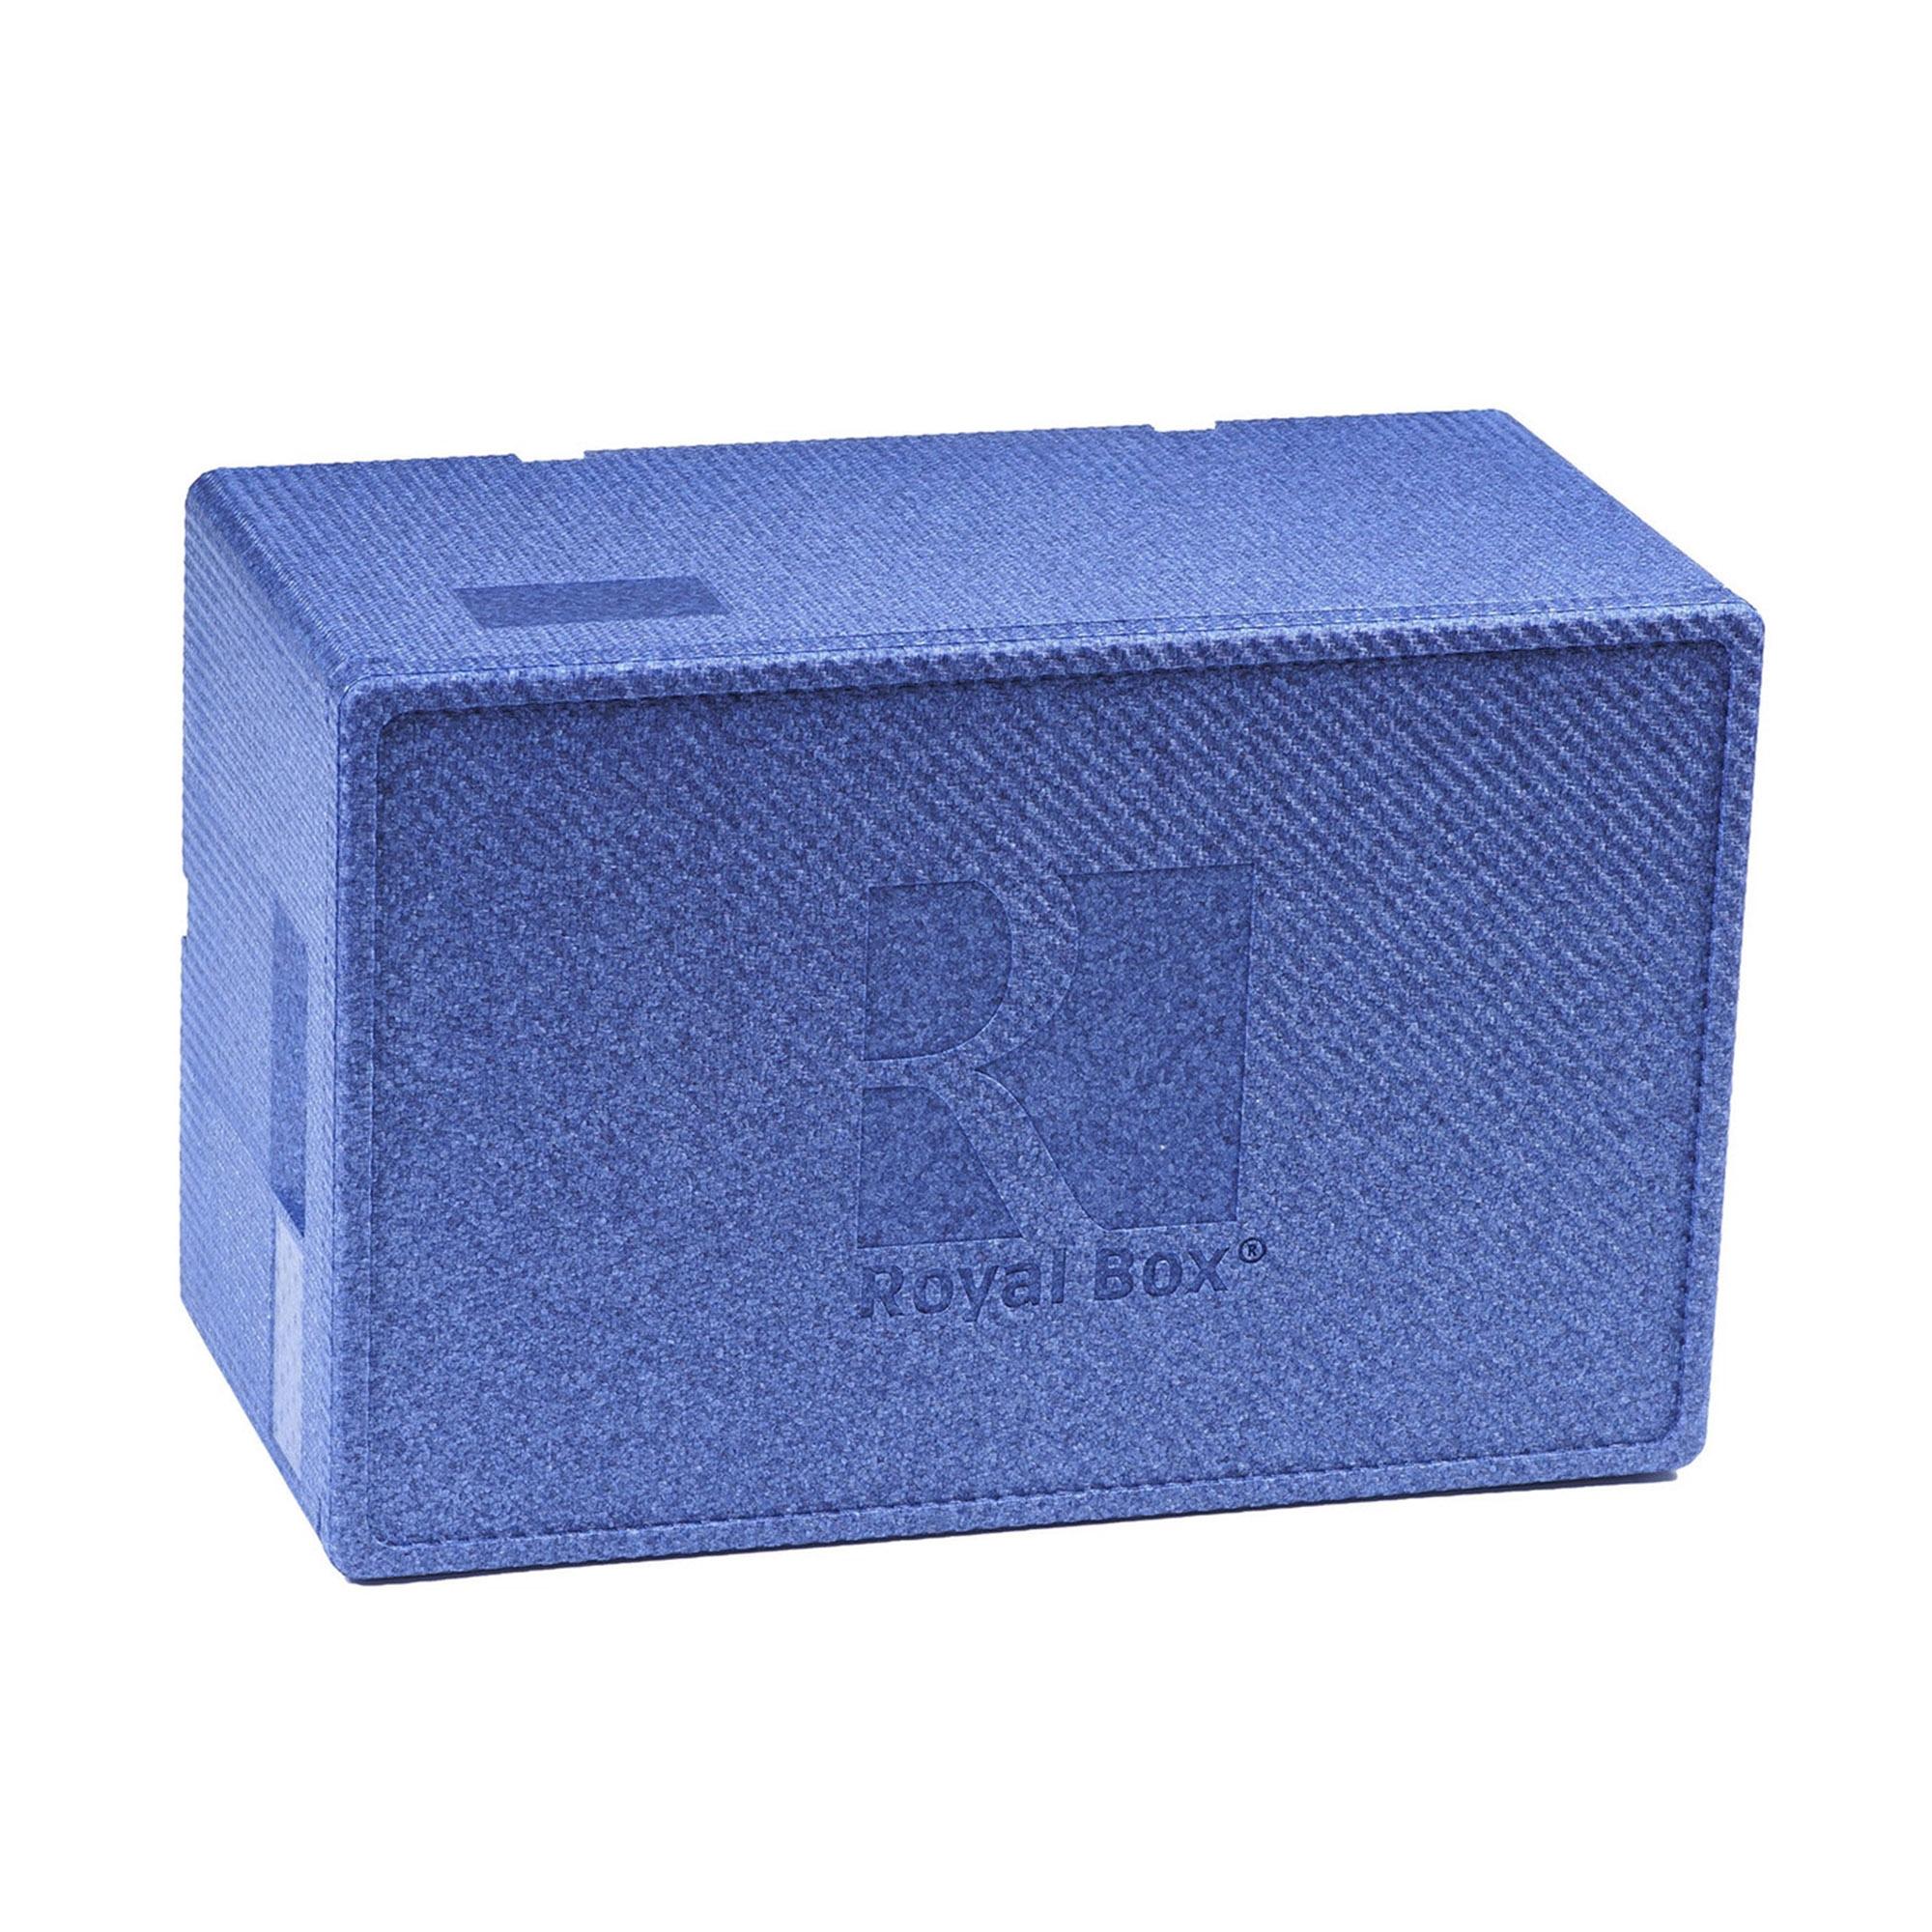 Контейнер изотермический Royal Box UNIQUE BLUE 32 л